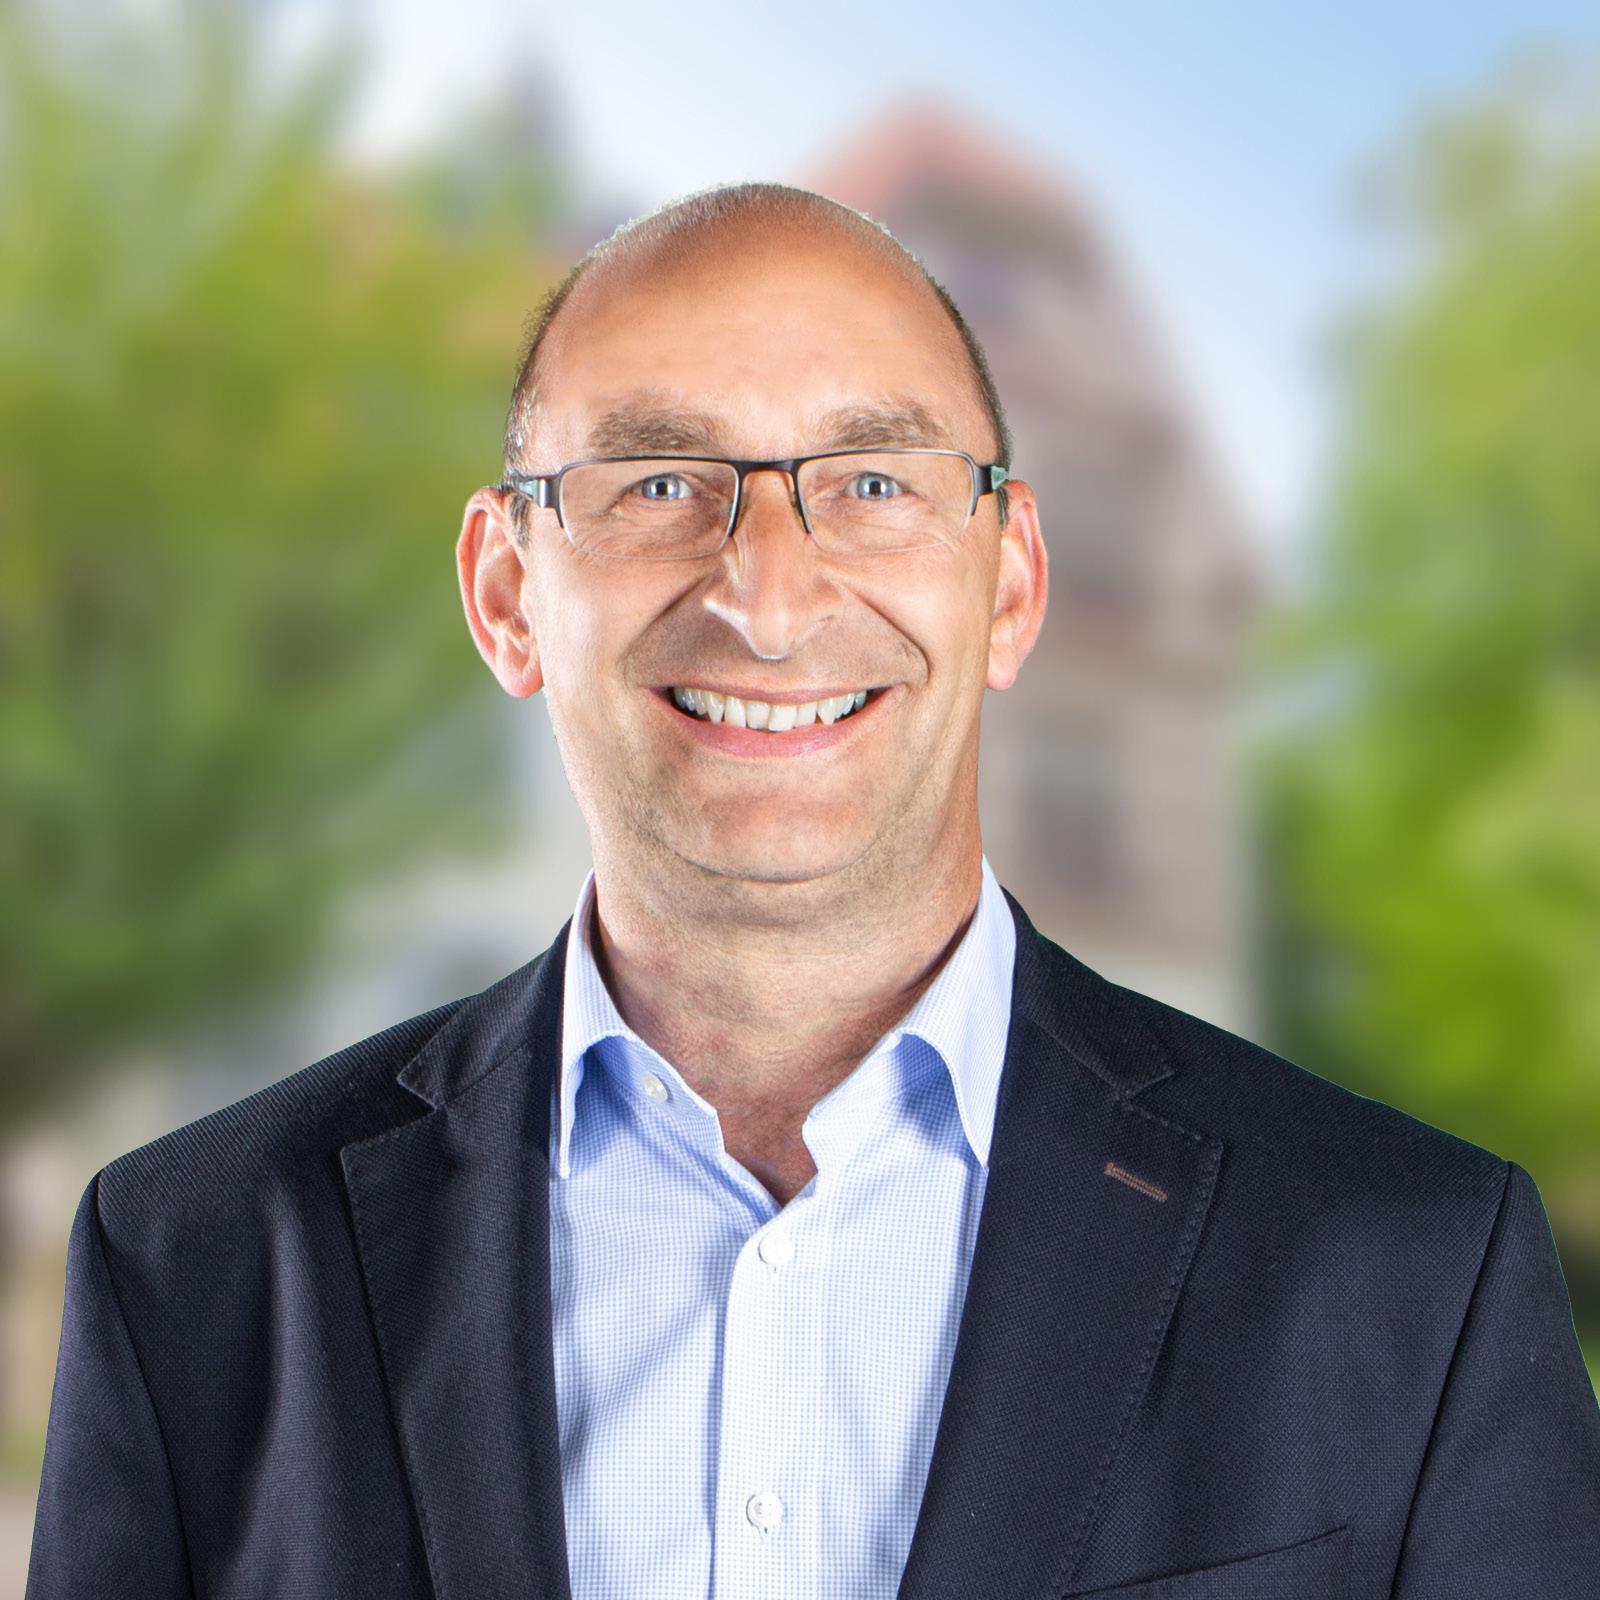 Abbildung von Dr. Achim Siepen